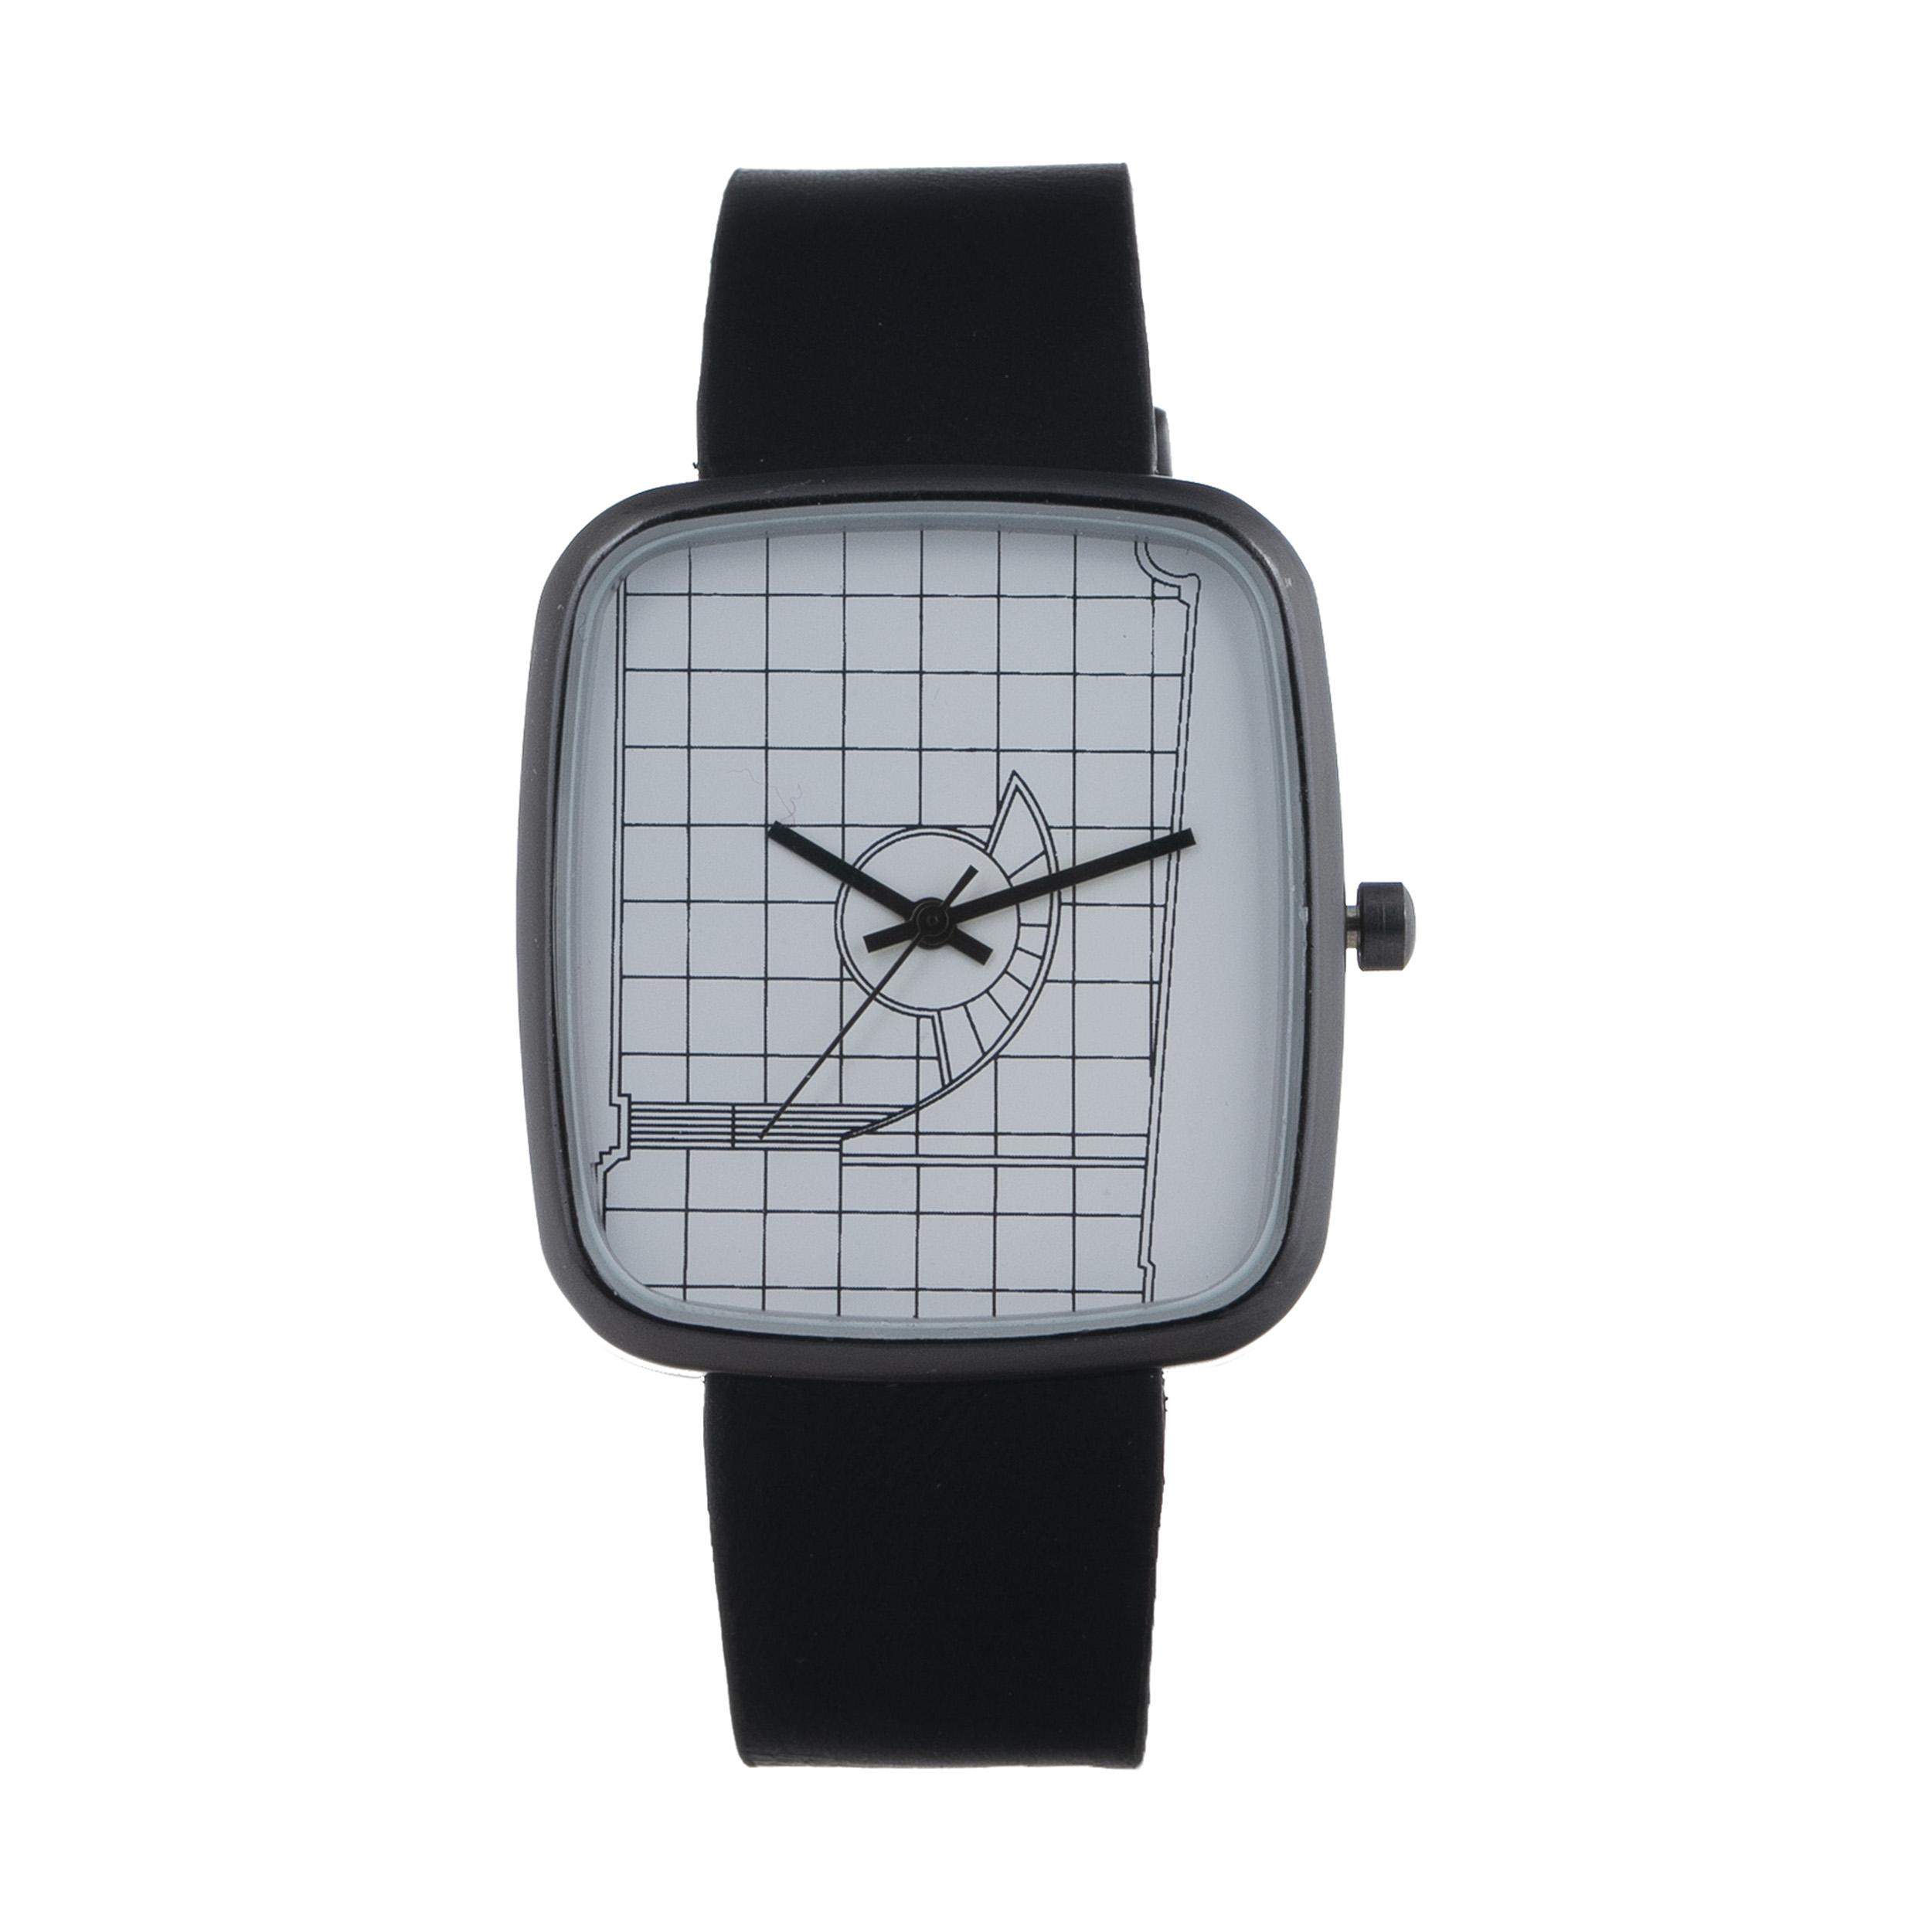 ساعت مچی عقربه ای مردانه ابیگیل مدل CIRCLE